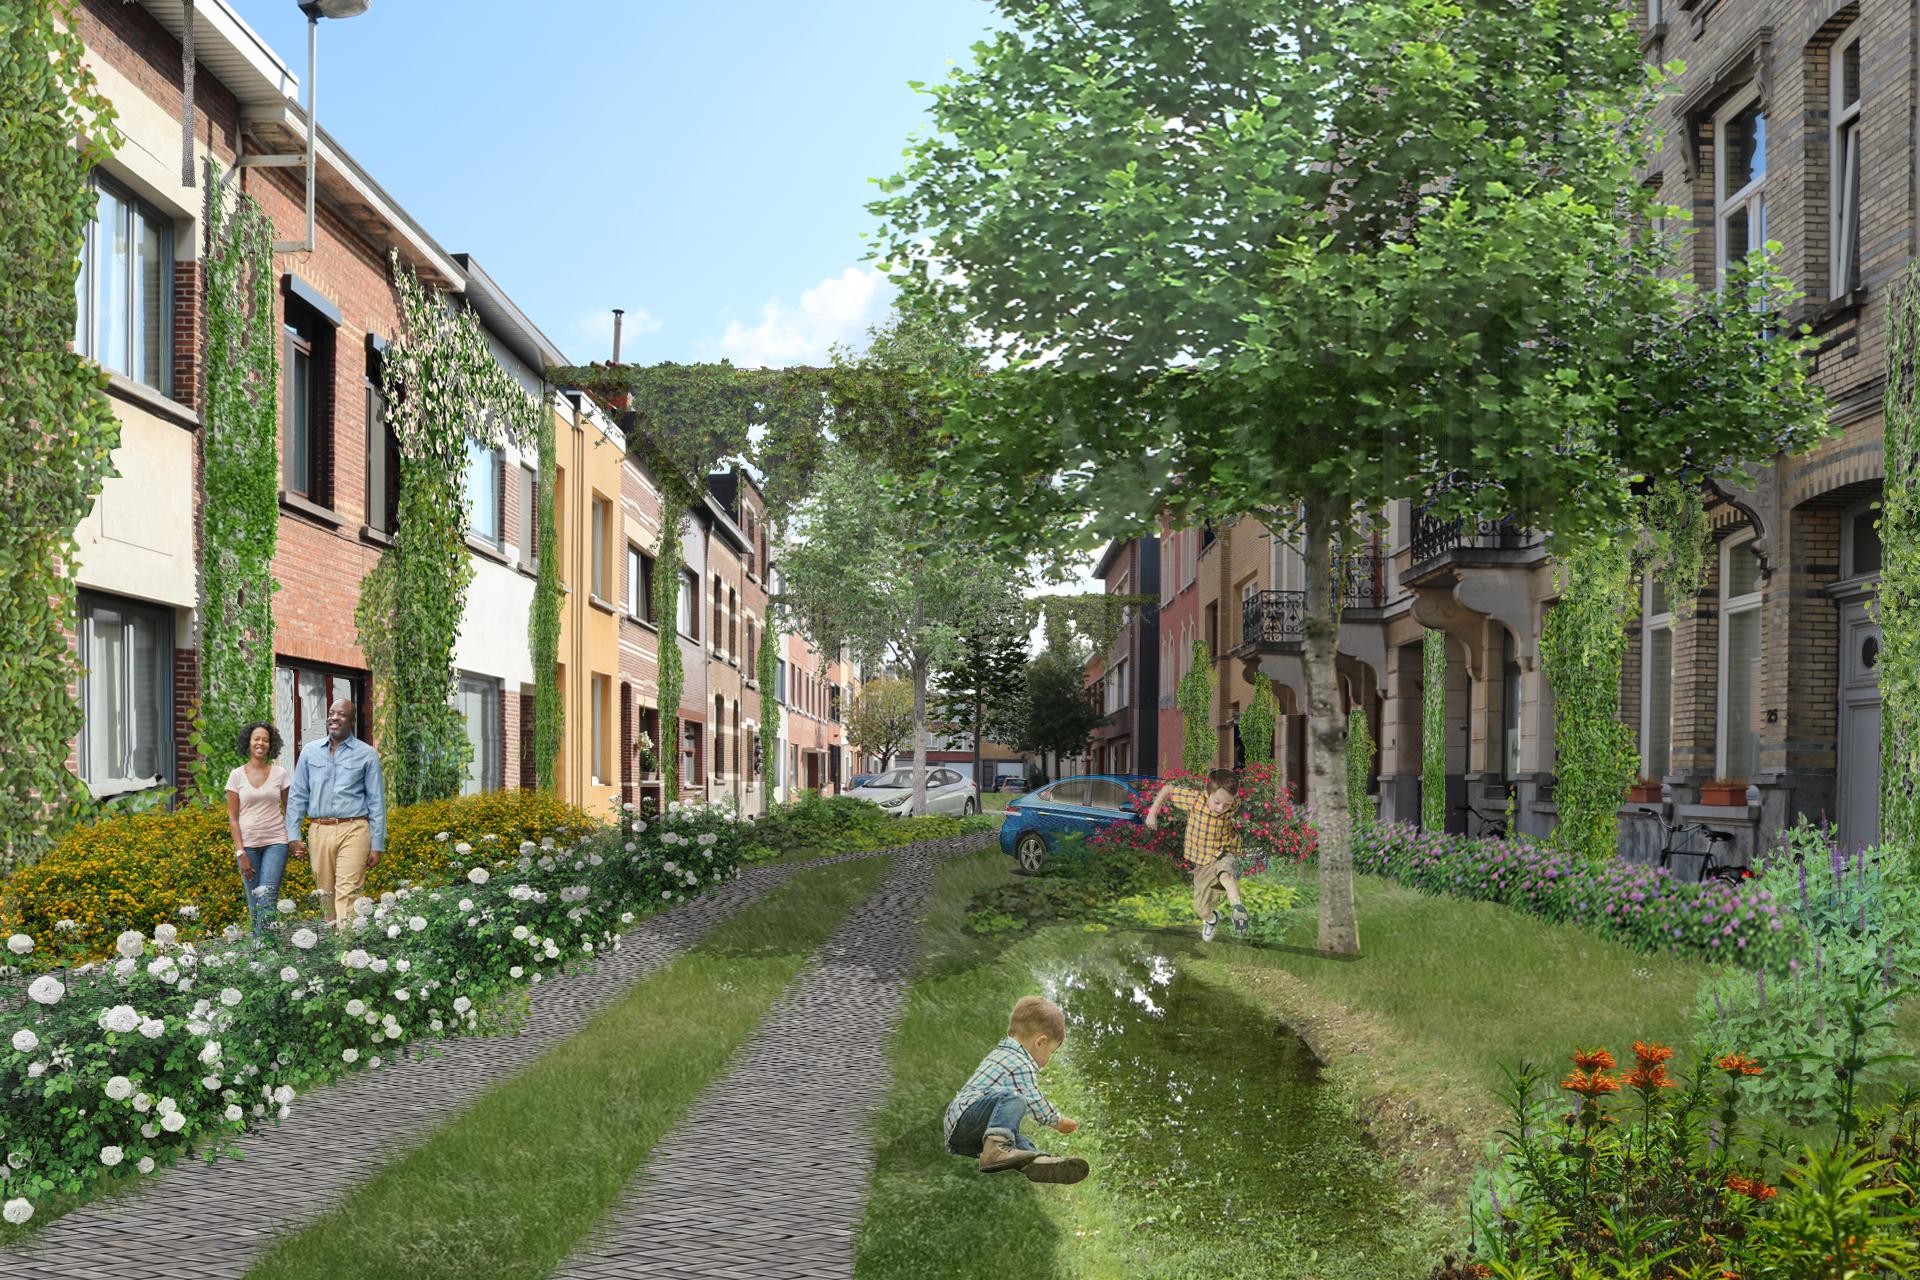 faktordertig - ecologisch bouwen - straat - stad - Antwerpen - onderzoek - paper